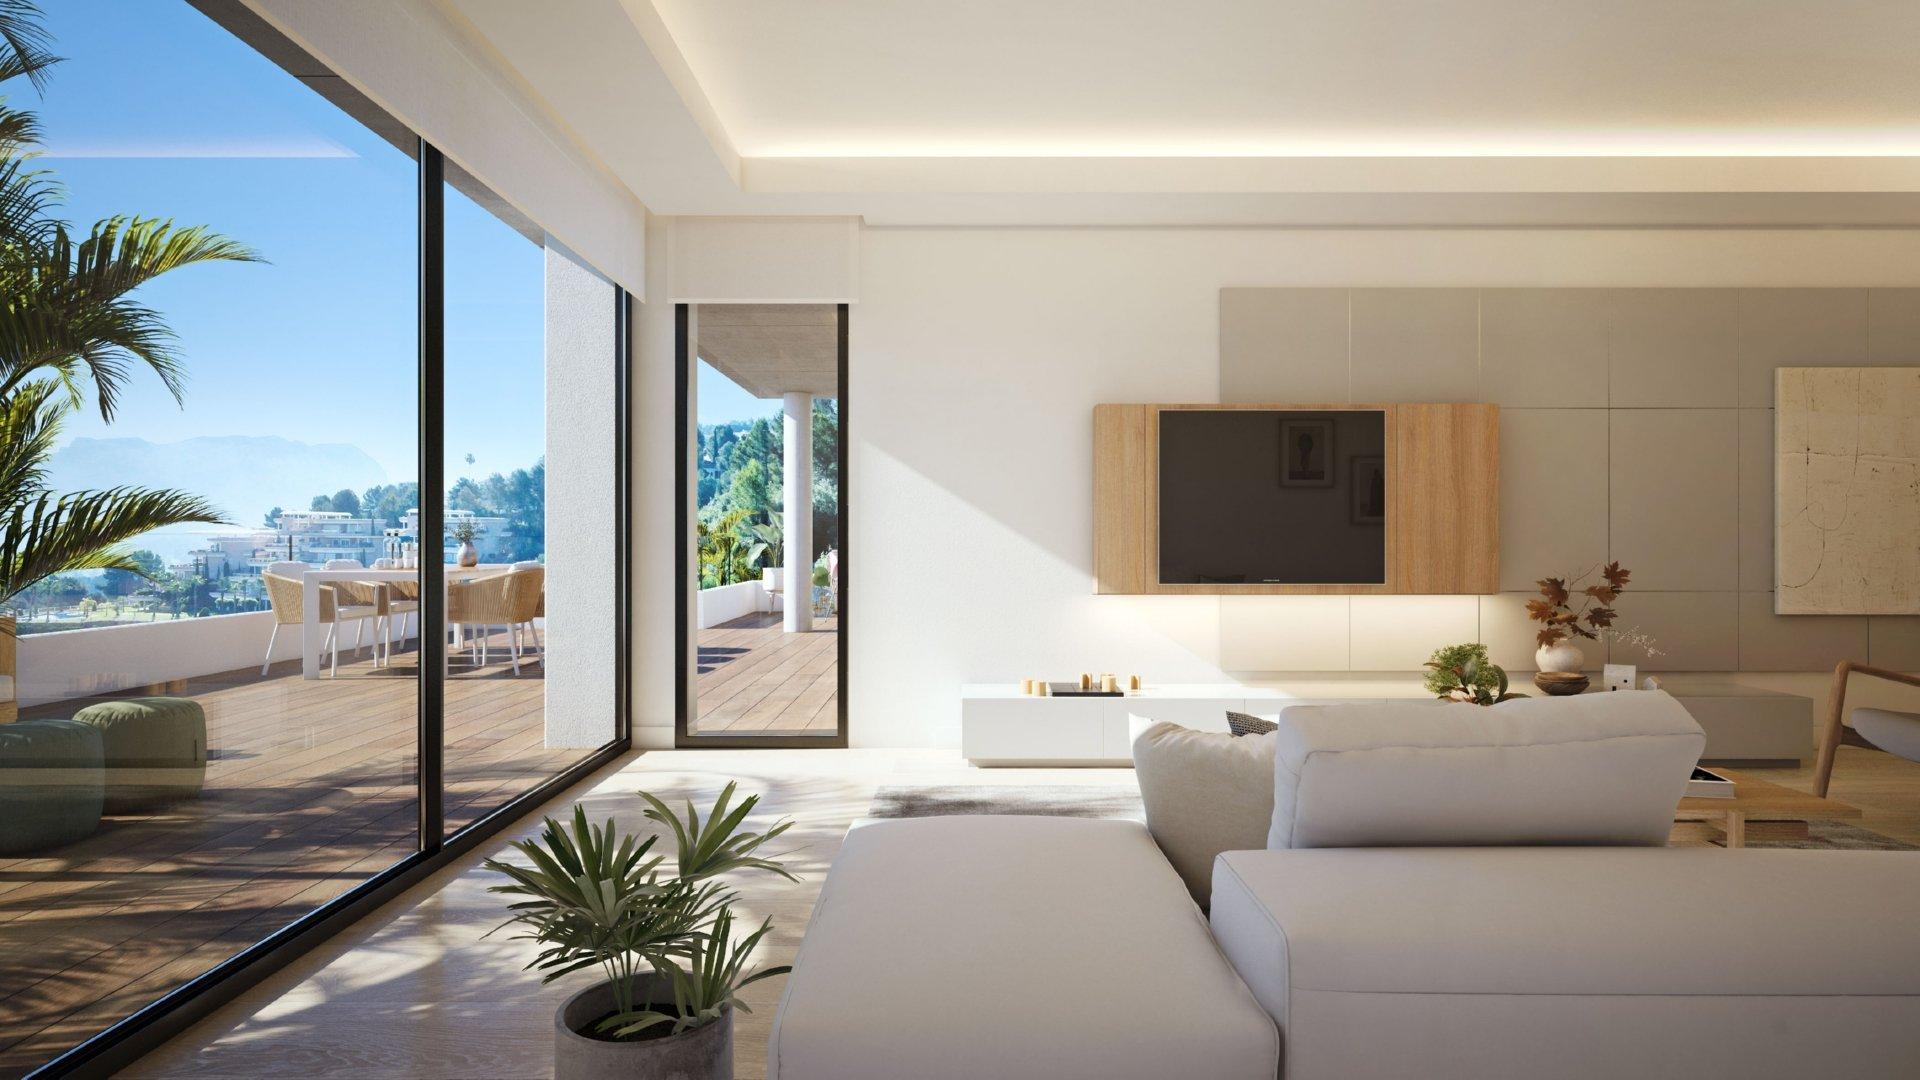 Appartements de 3 chambres pour profiter de la vie